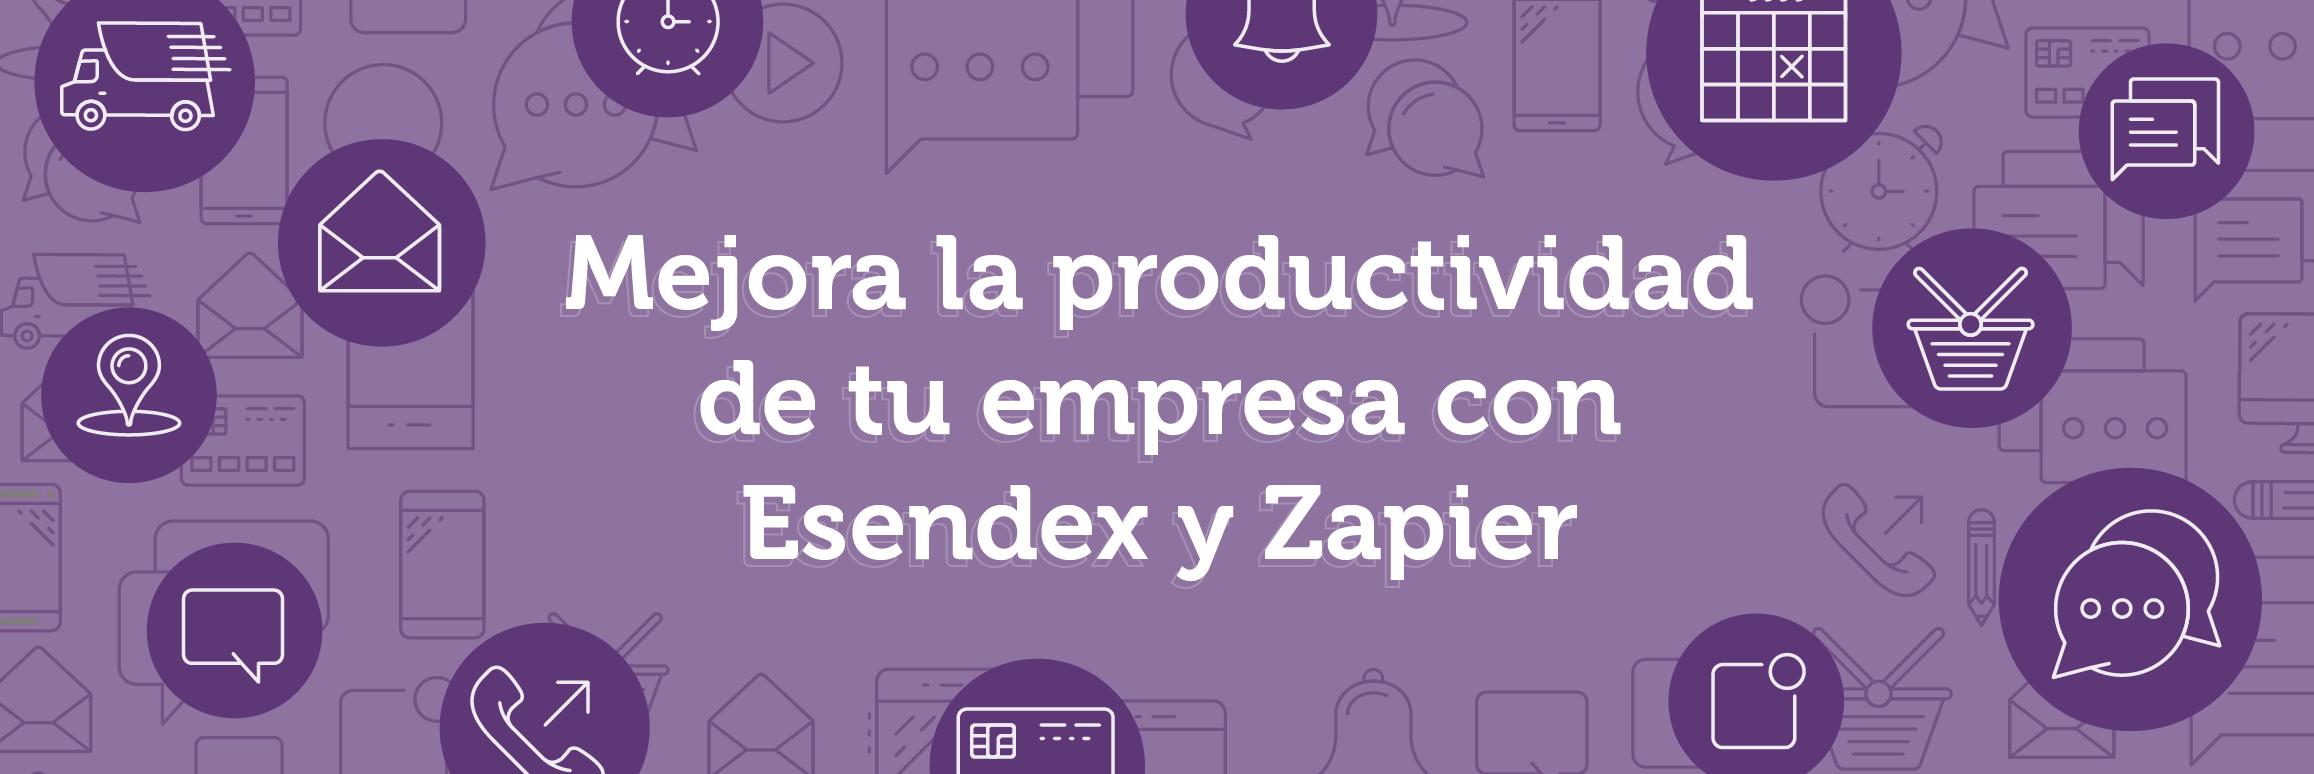 Mejora la productividad de tu empresa con Esendex y Zapier